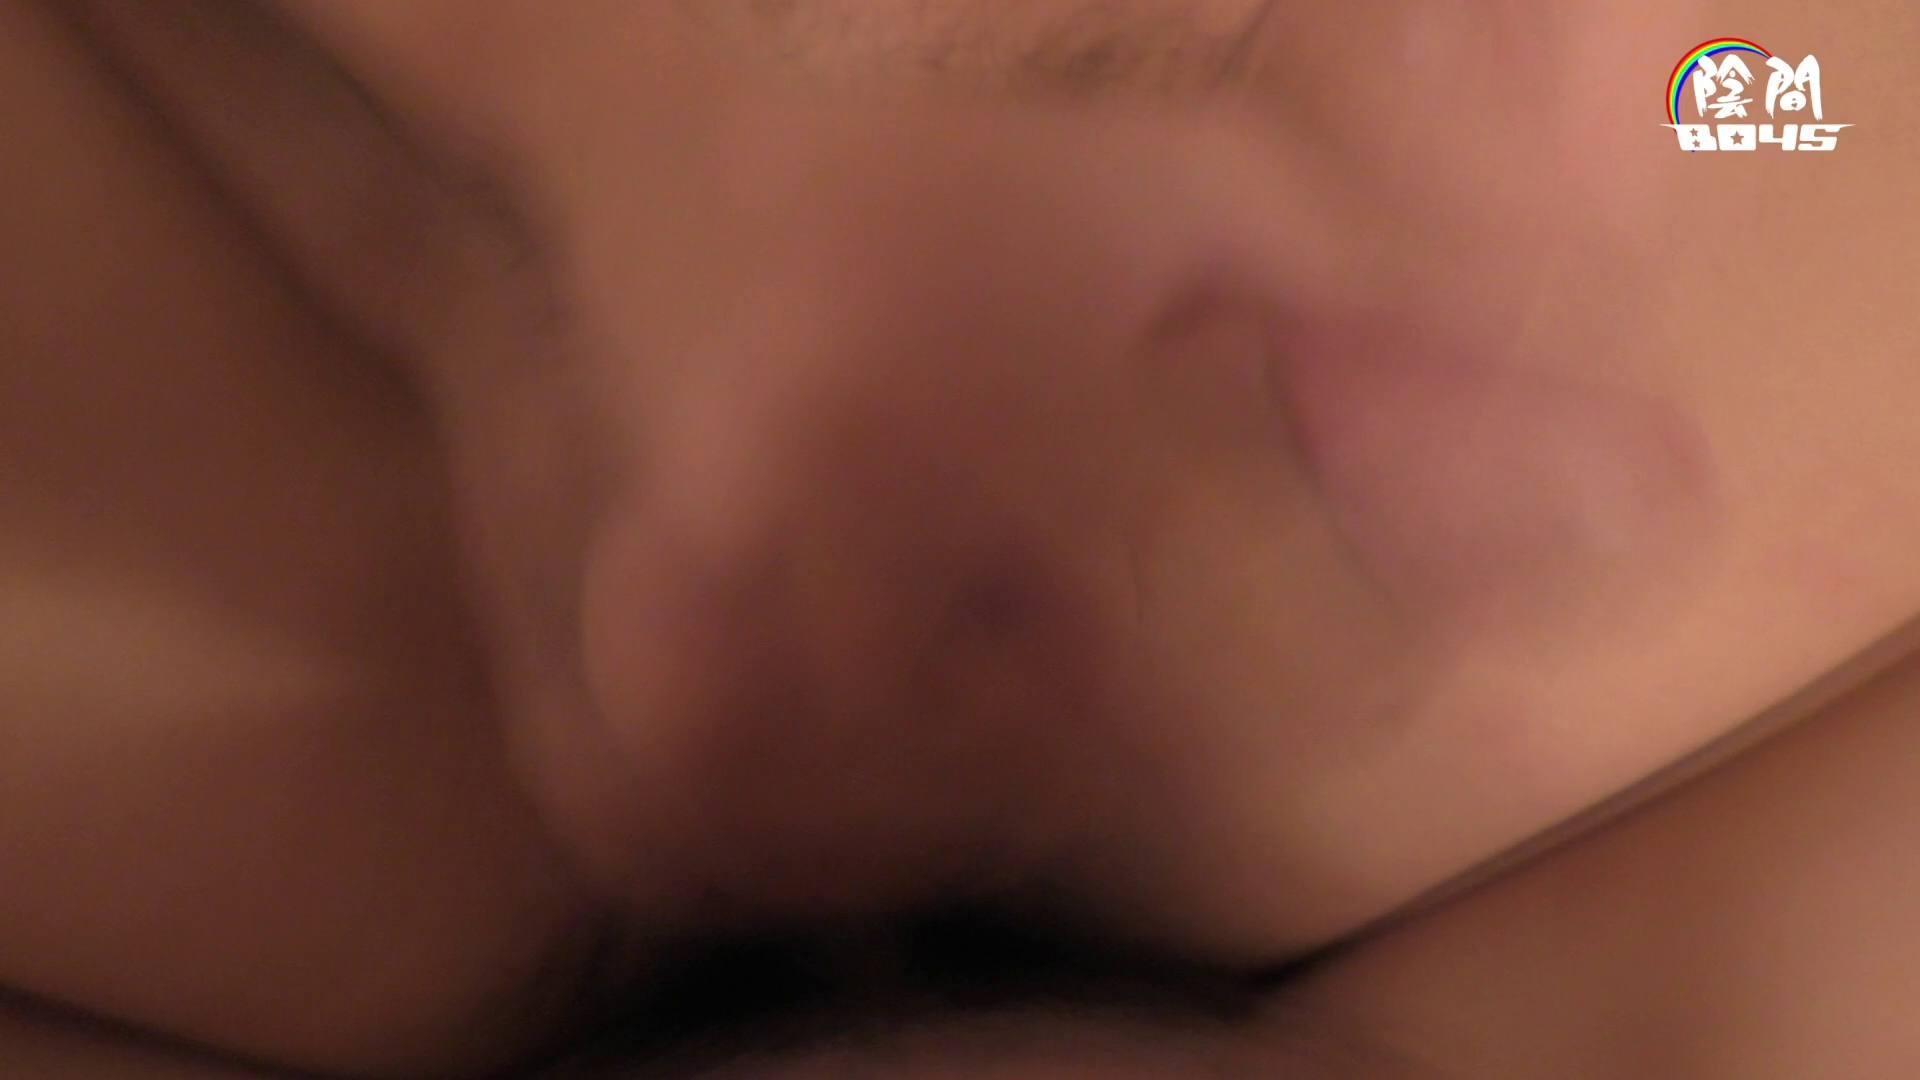 「君のアナルは」part2 ~ノンケの素顔~ Vol.08 仰天アナル 男同士画像 105pic 104